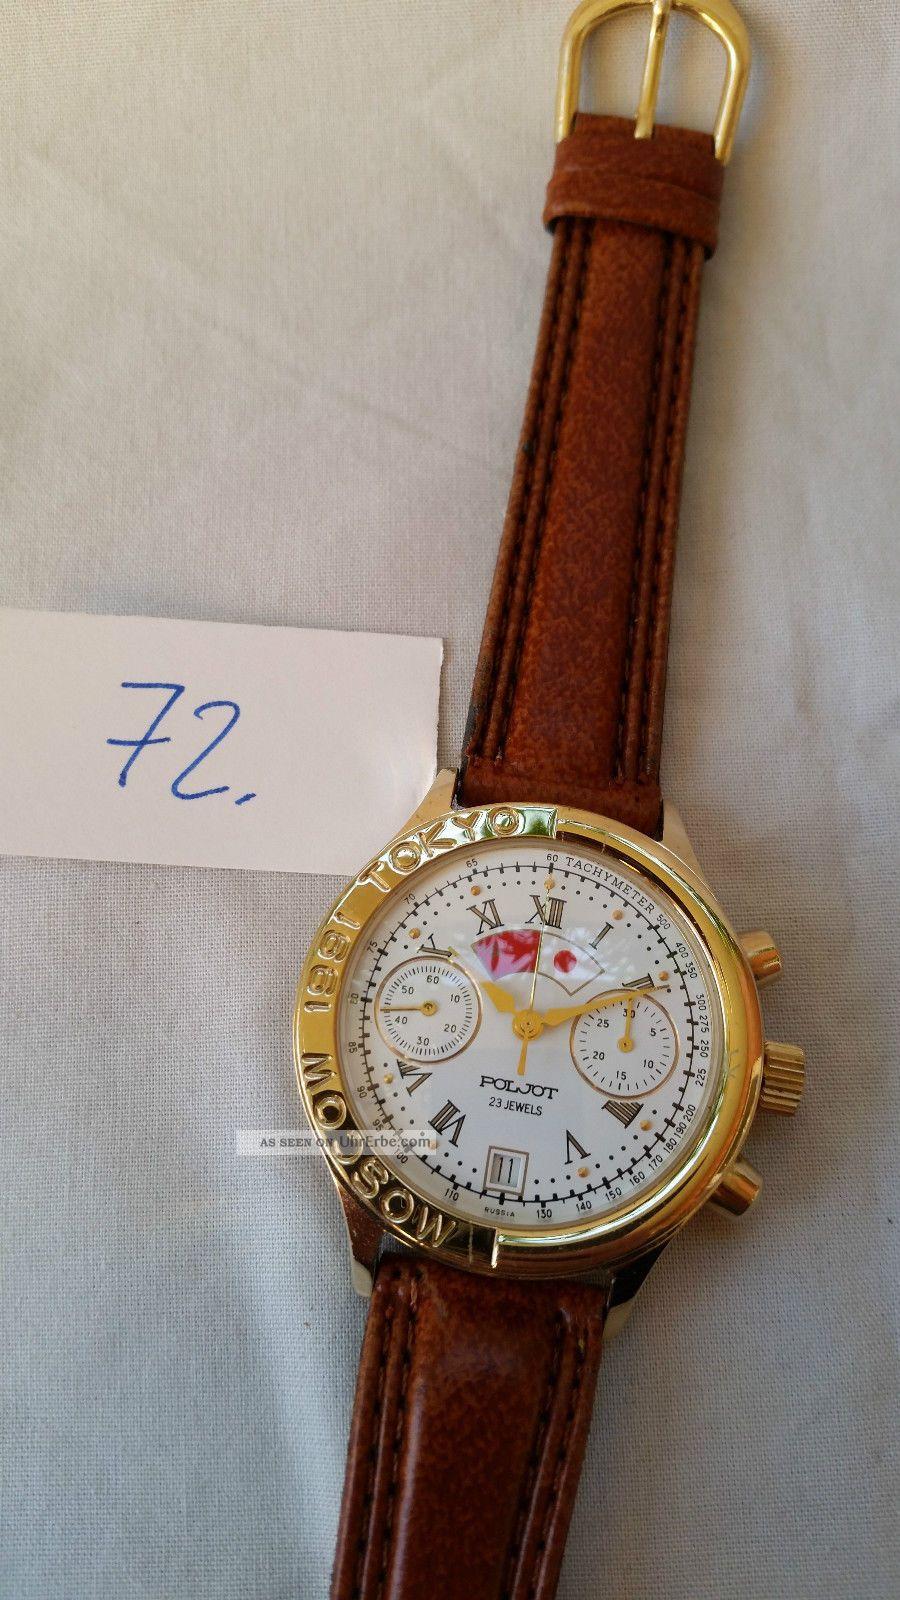 Poljot Russland Chronograph MilitÄr Handaufzug Cal.  3133 (72) Armbanduhren Bild